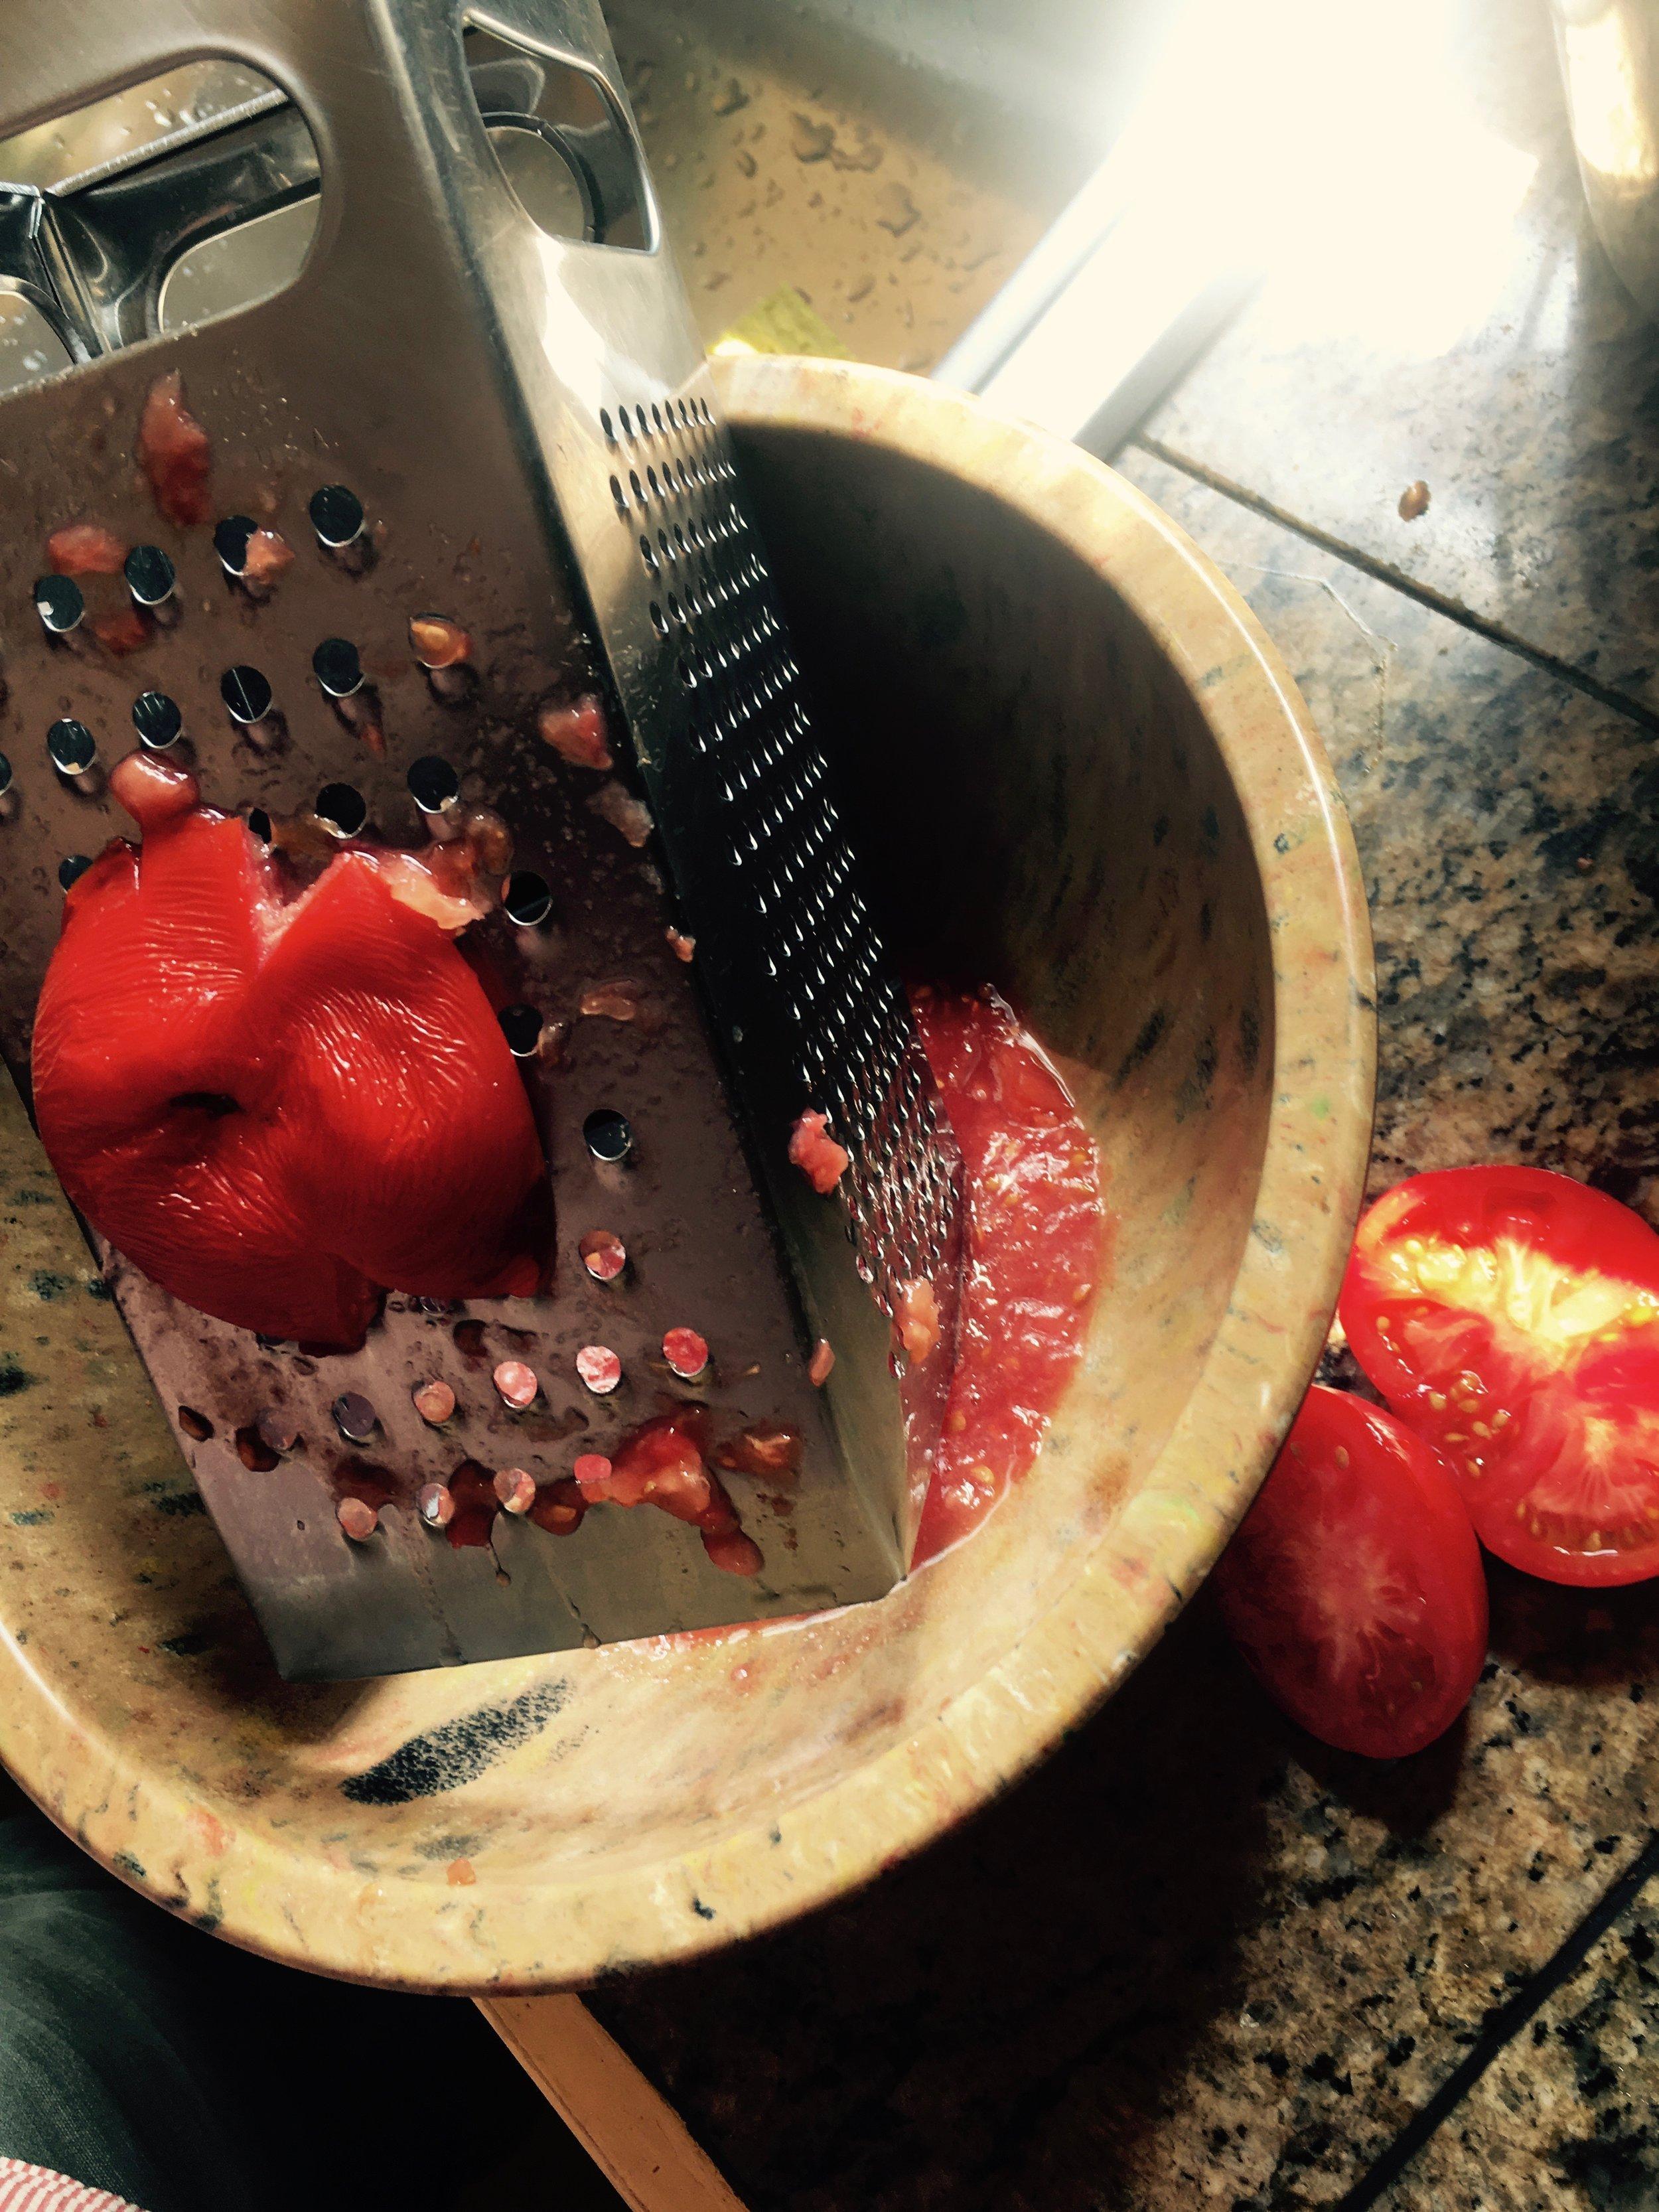 grating tomatoes for samfaina